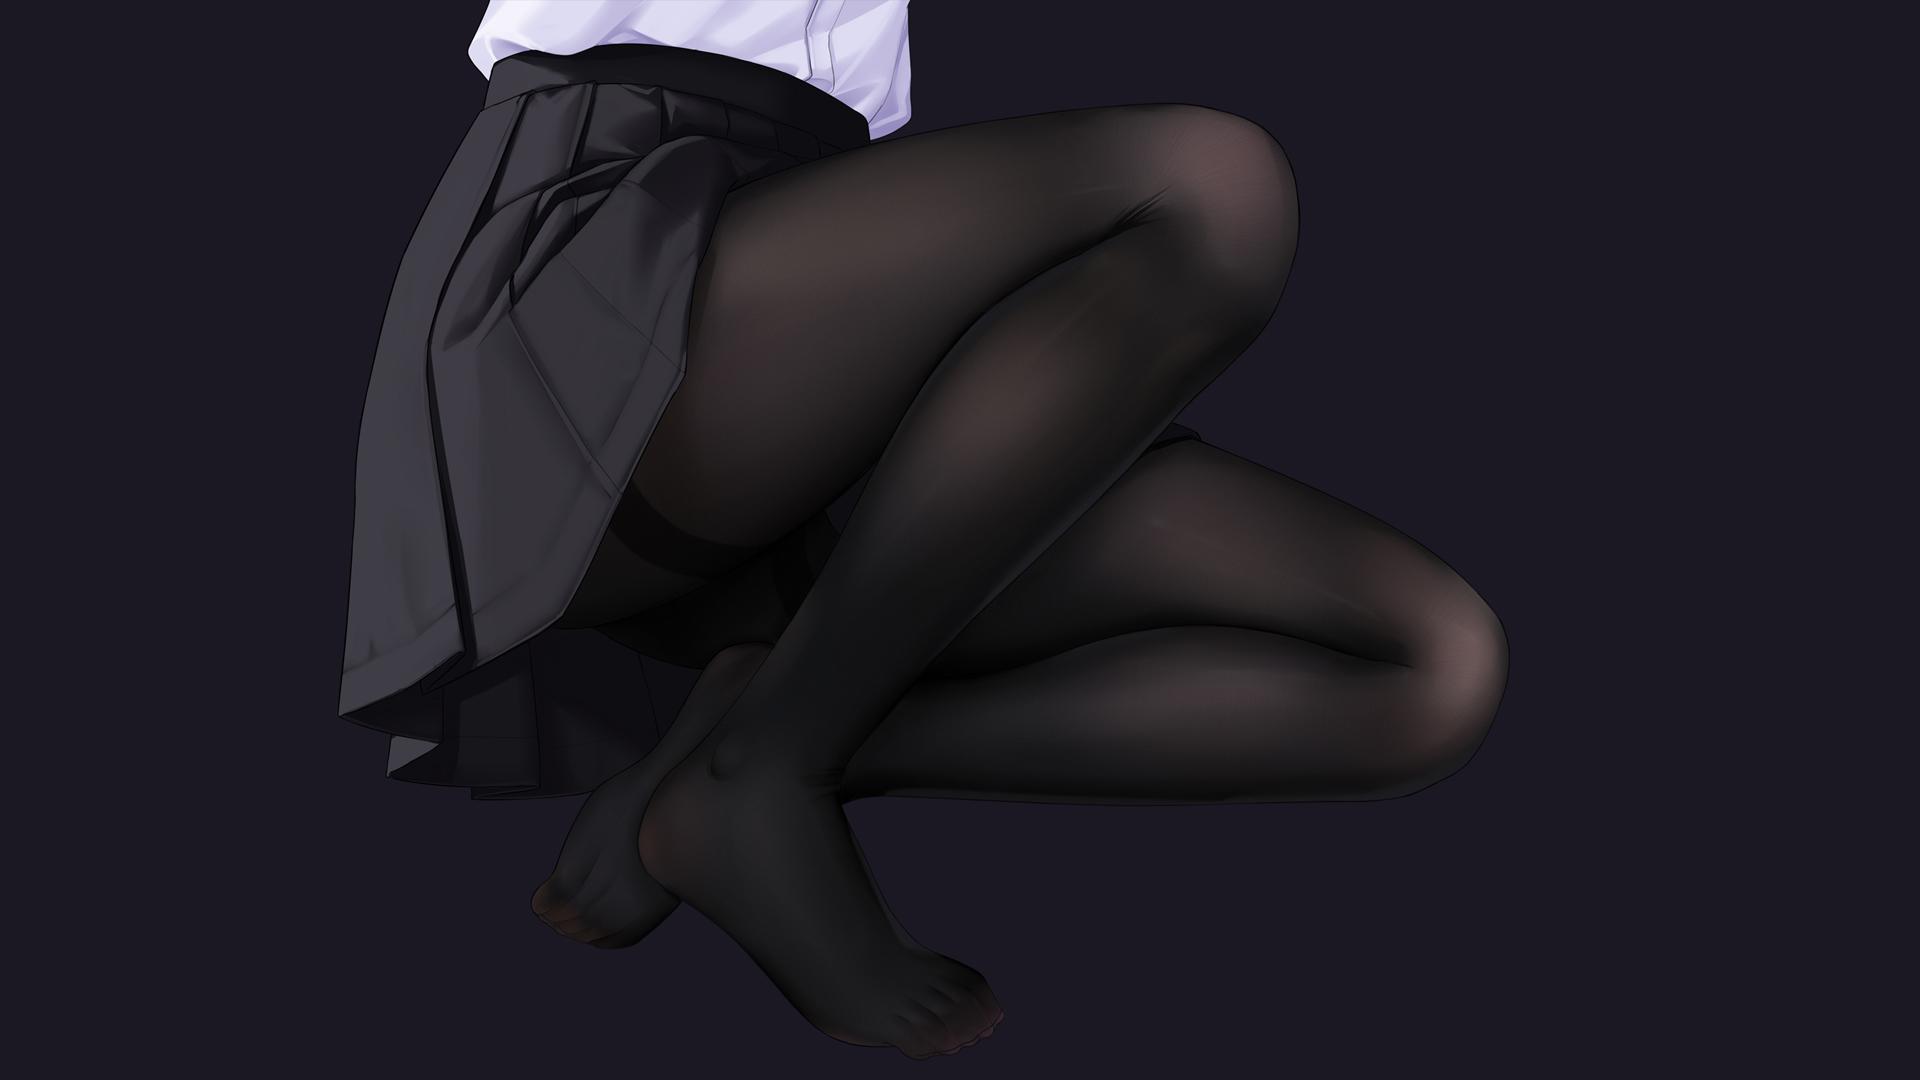 制服迷你短裙 黑色裤袜丝袜动漫美女壁纸(1920×1080)